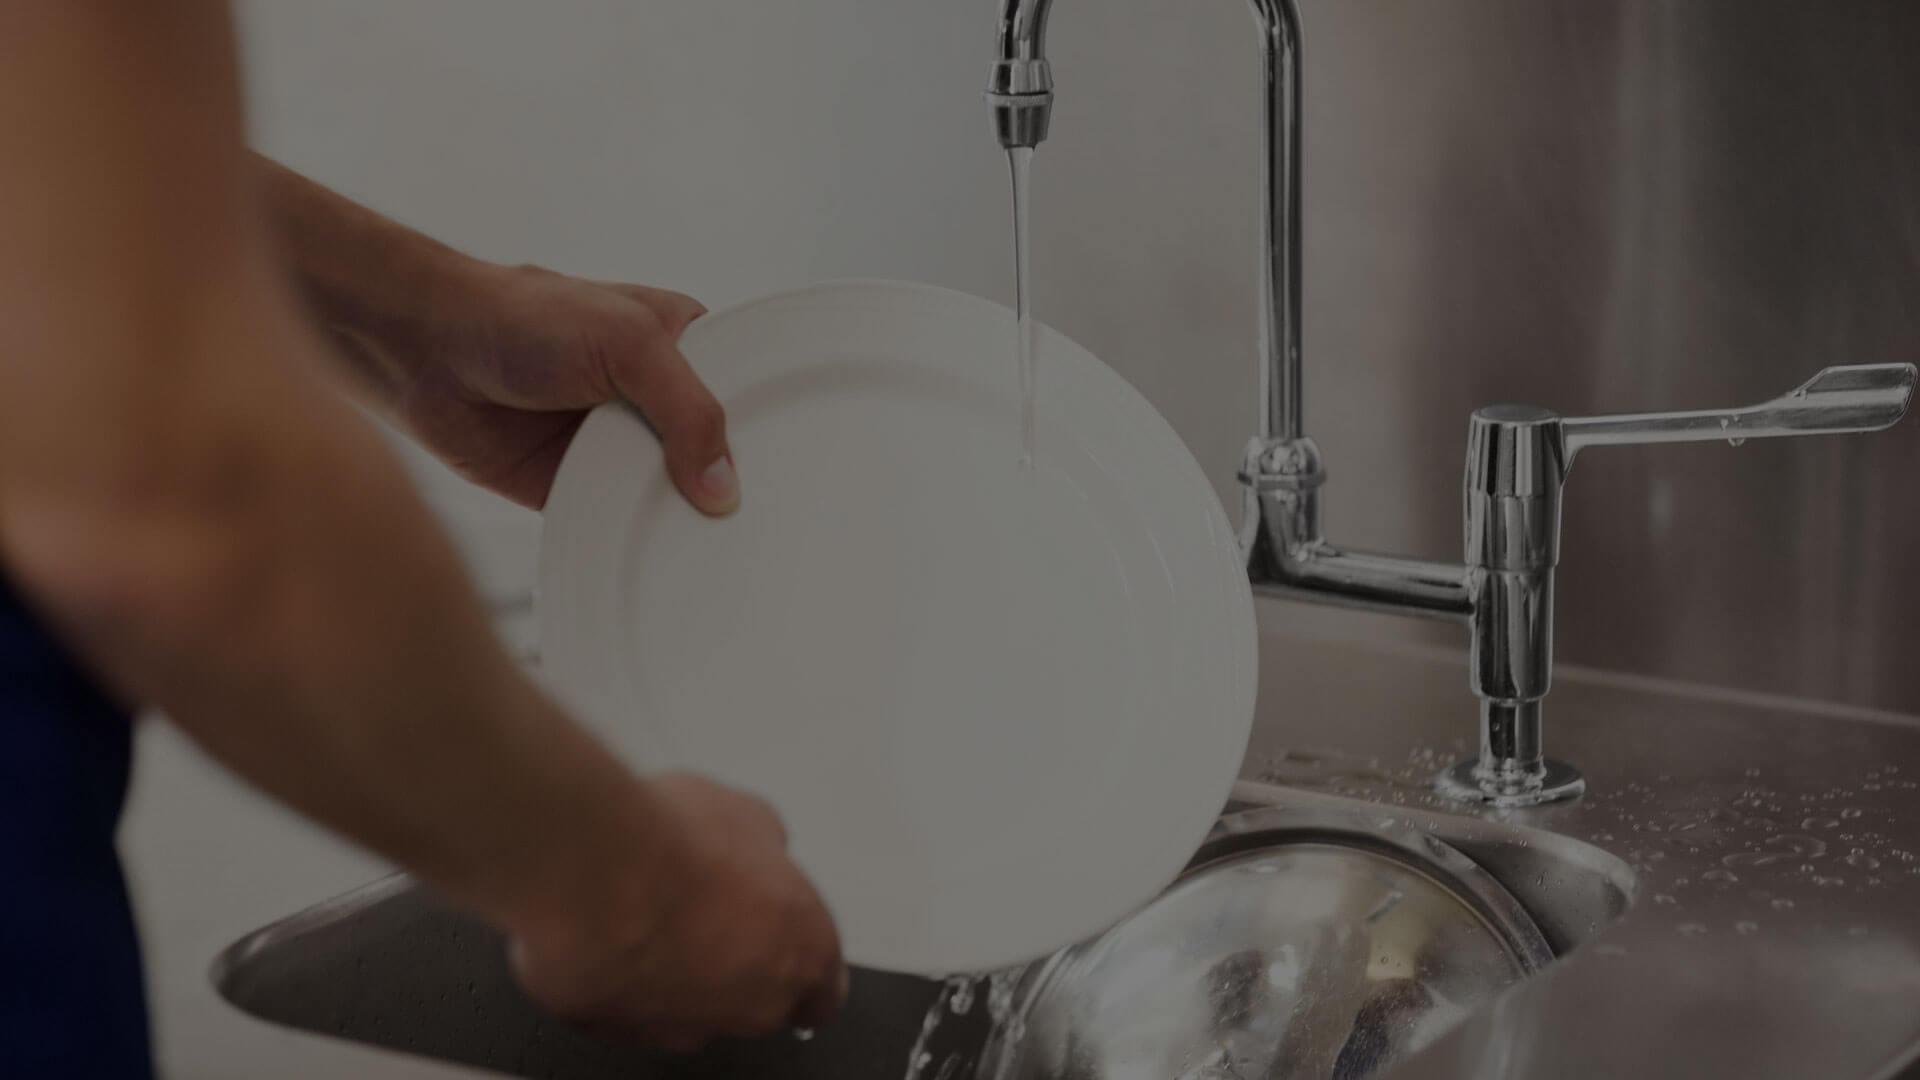 SAAD Facility Management übernimmt auch Spül- und Küchendienste